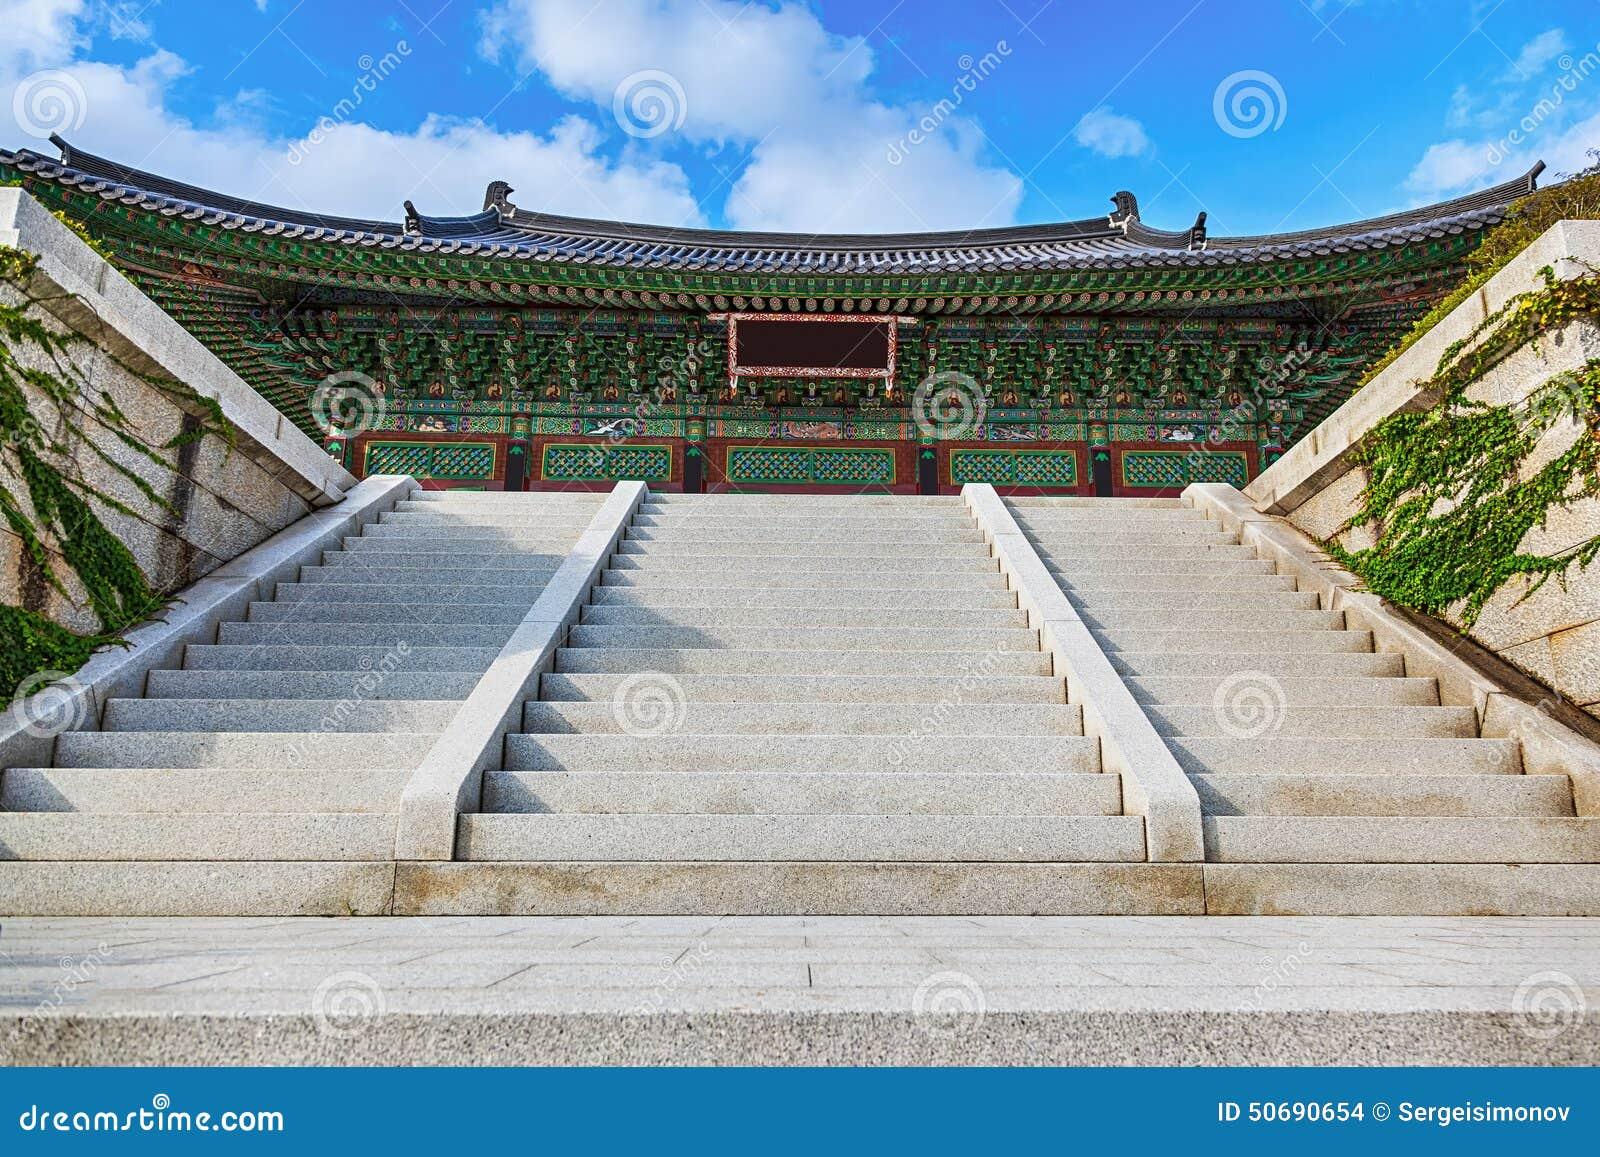 Download 传统建筑学老大厦宫殿在韩国 库存照片. 图片 包括有 镇痛药, 传统, 聚会所, 修士, 自治权, 文化 - 50690654